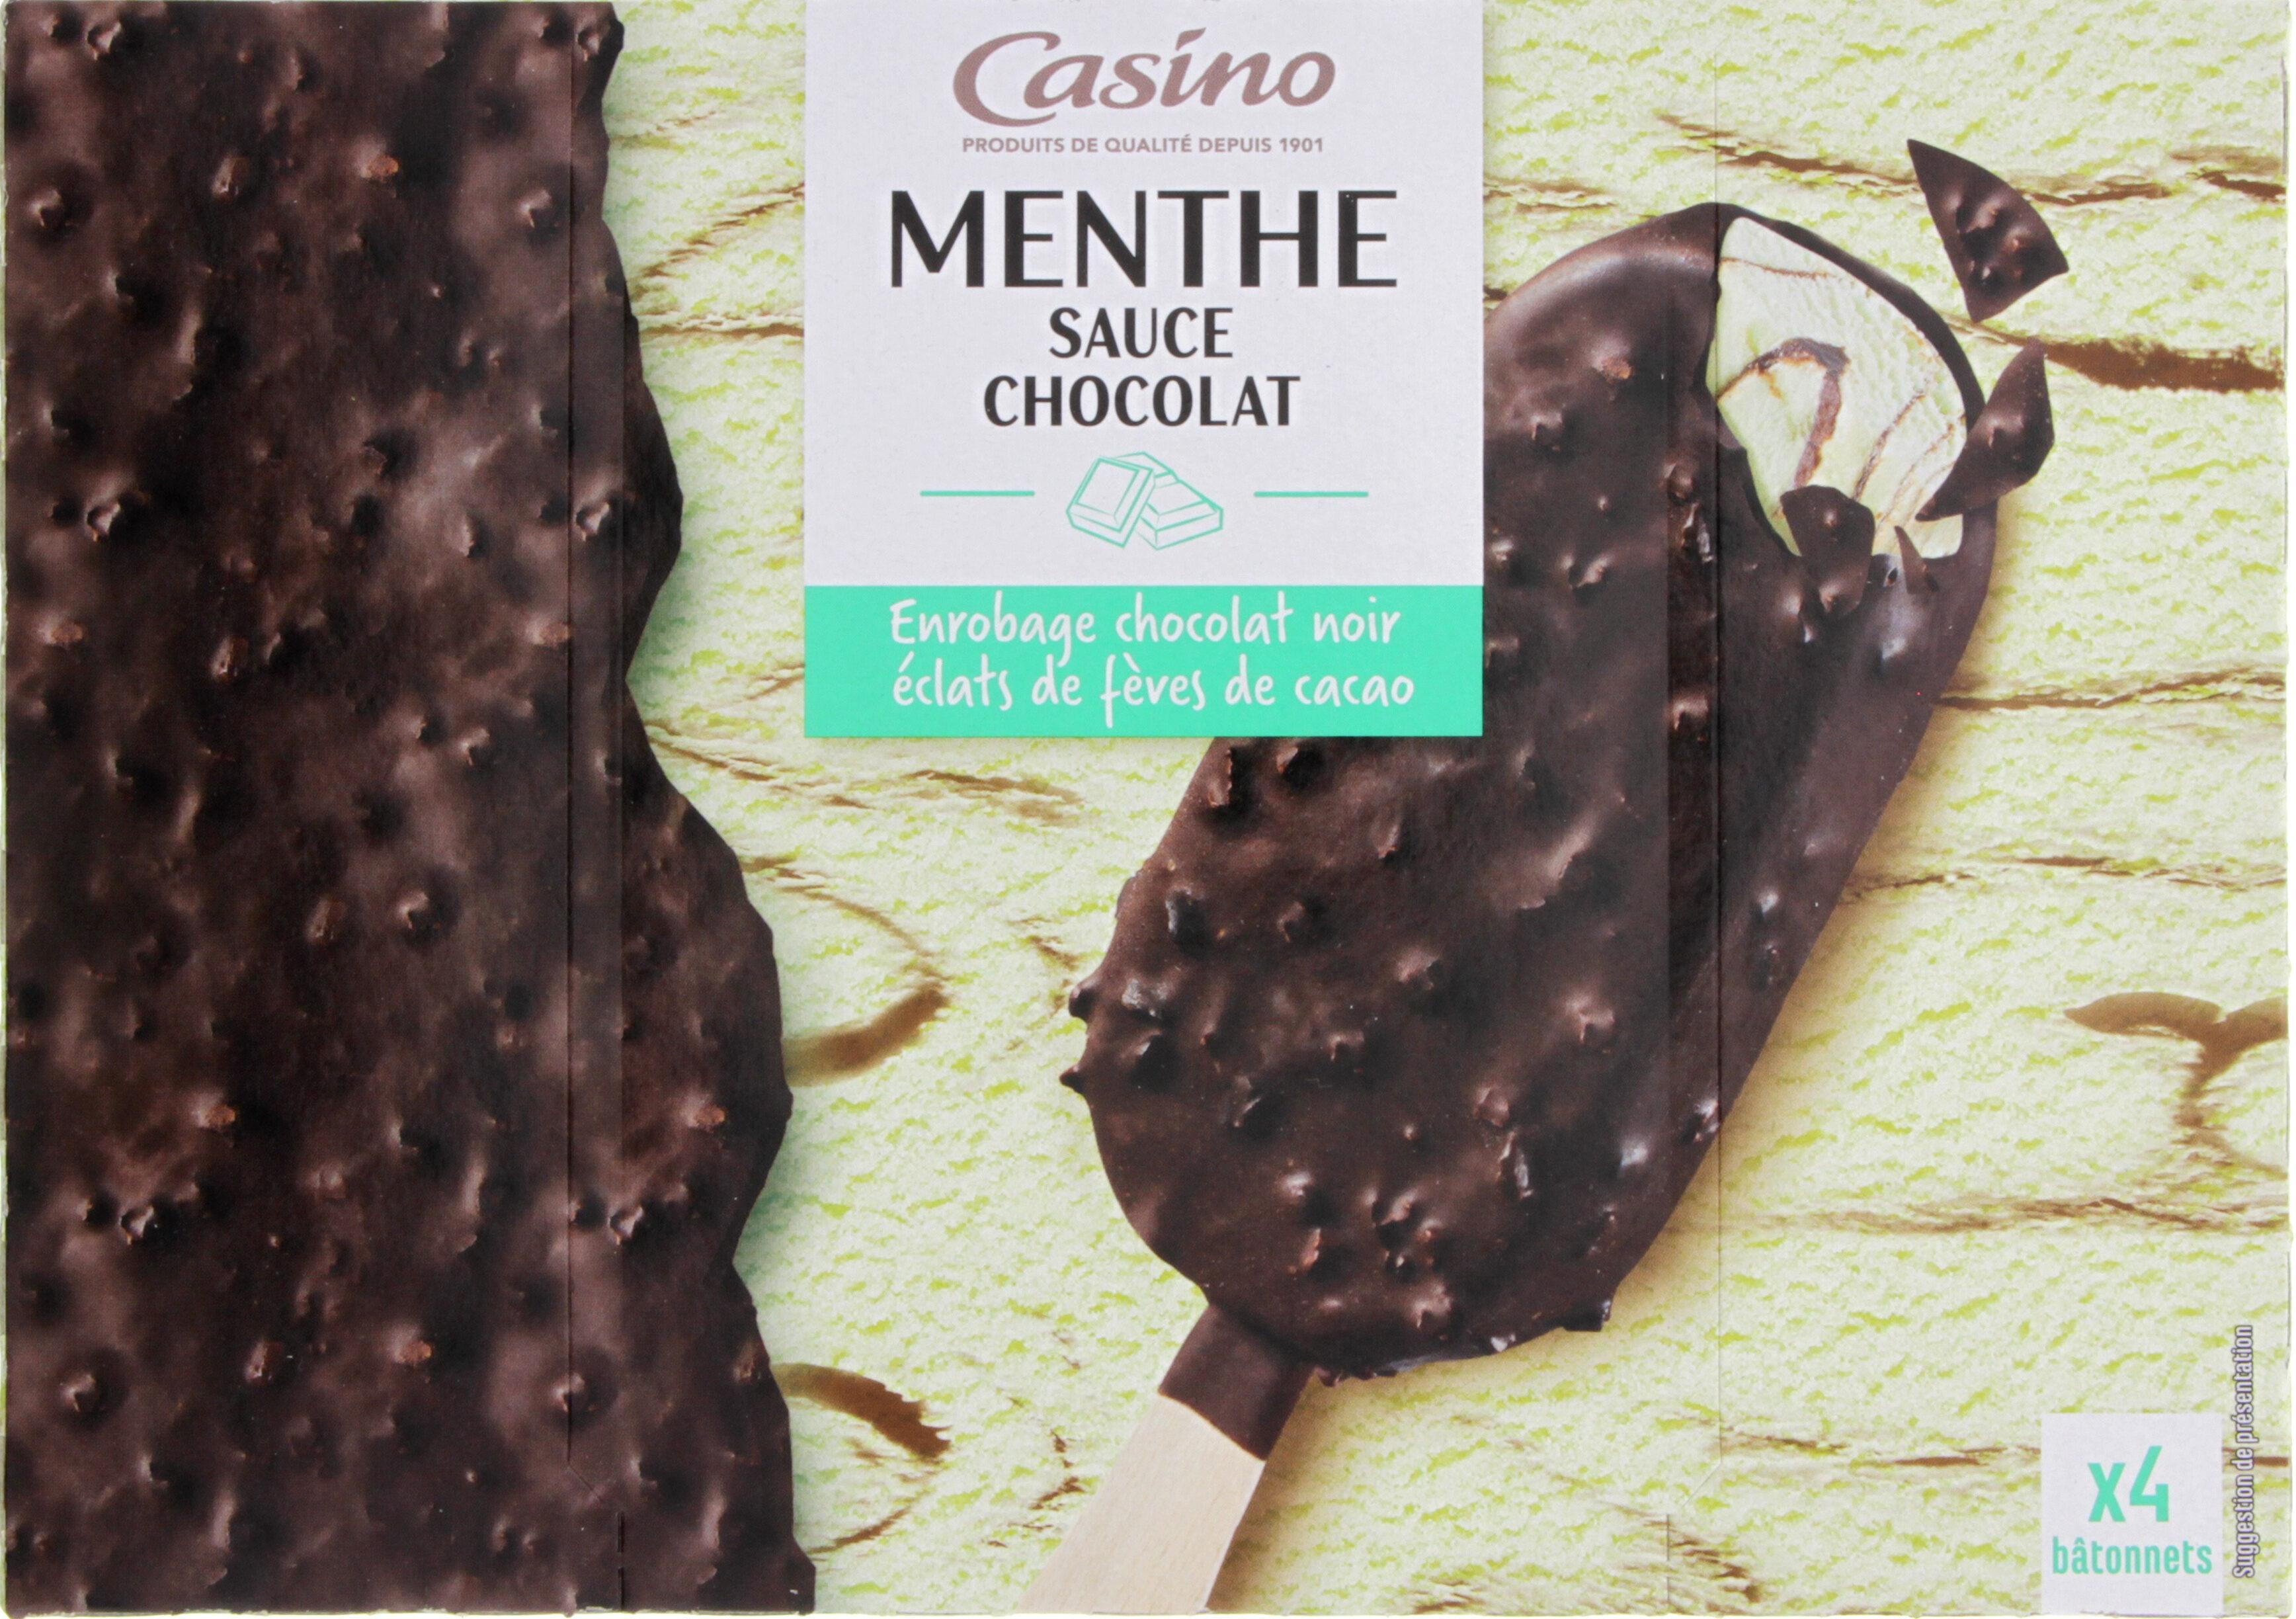 Maxi bâtonnets Menthe sauce chocolat enrobage chocolat noir éclats de fèves de cacao x4 - Produit